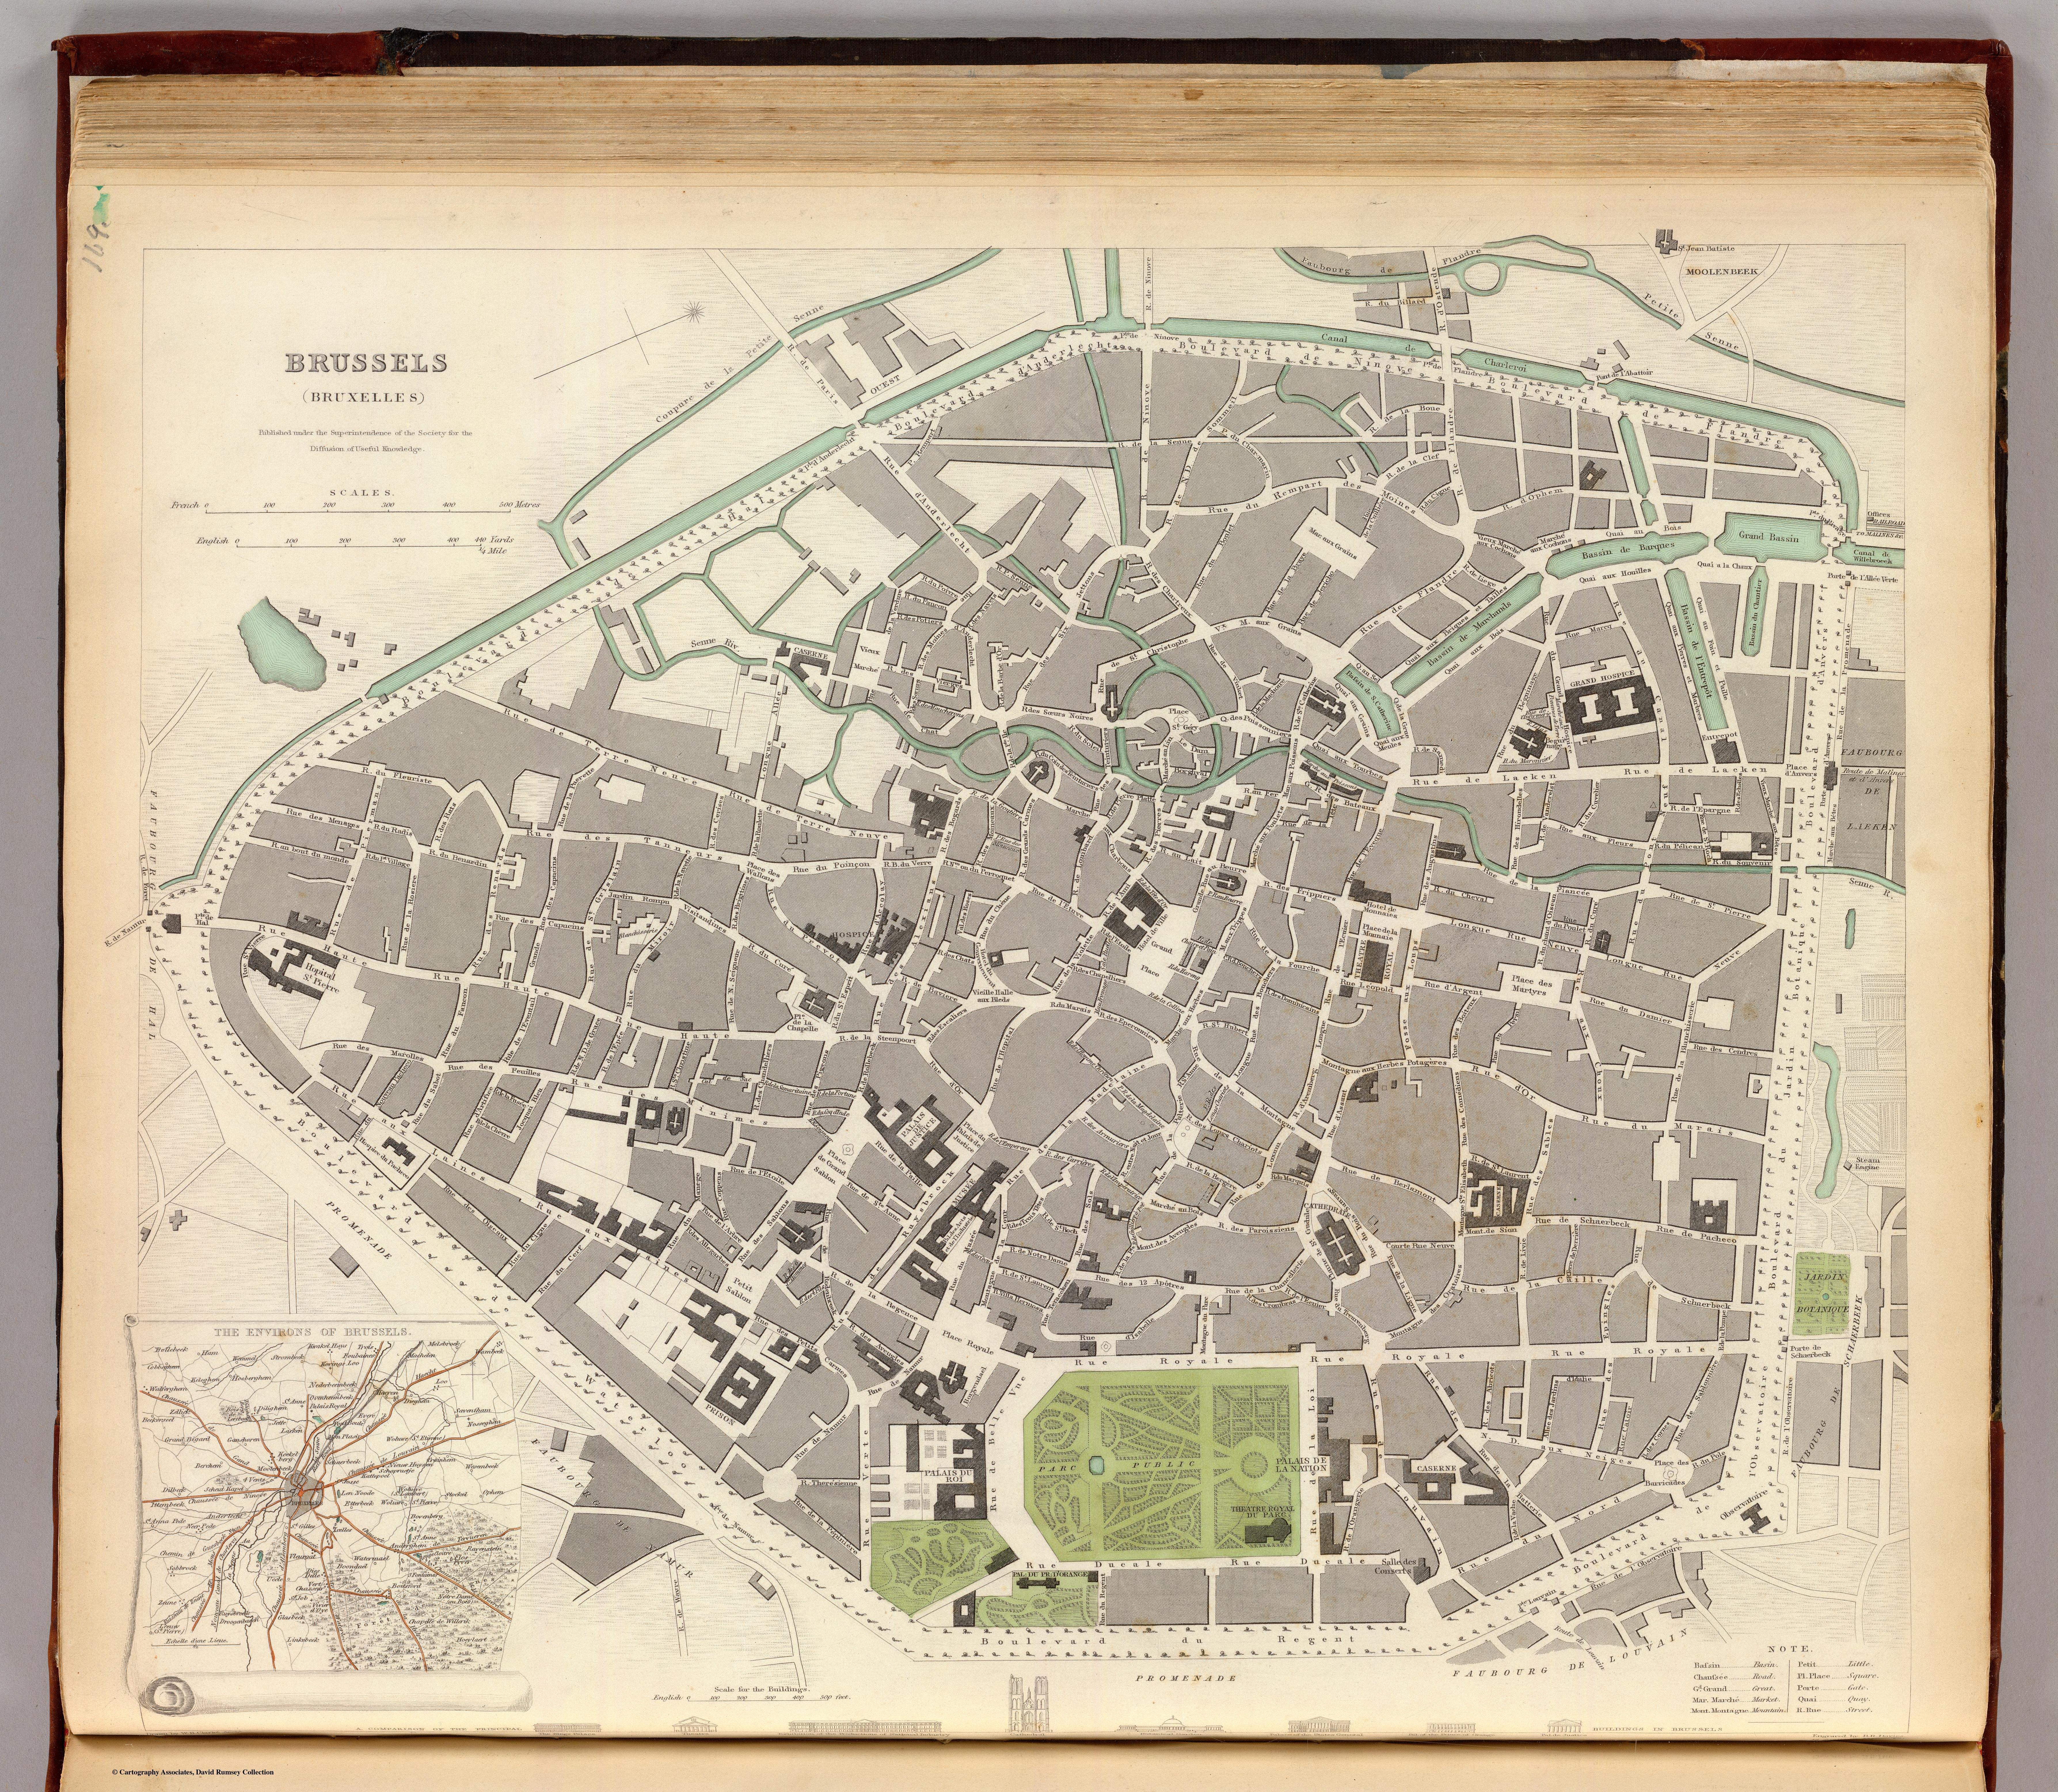 Bruxelles Plan Carte